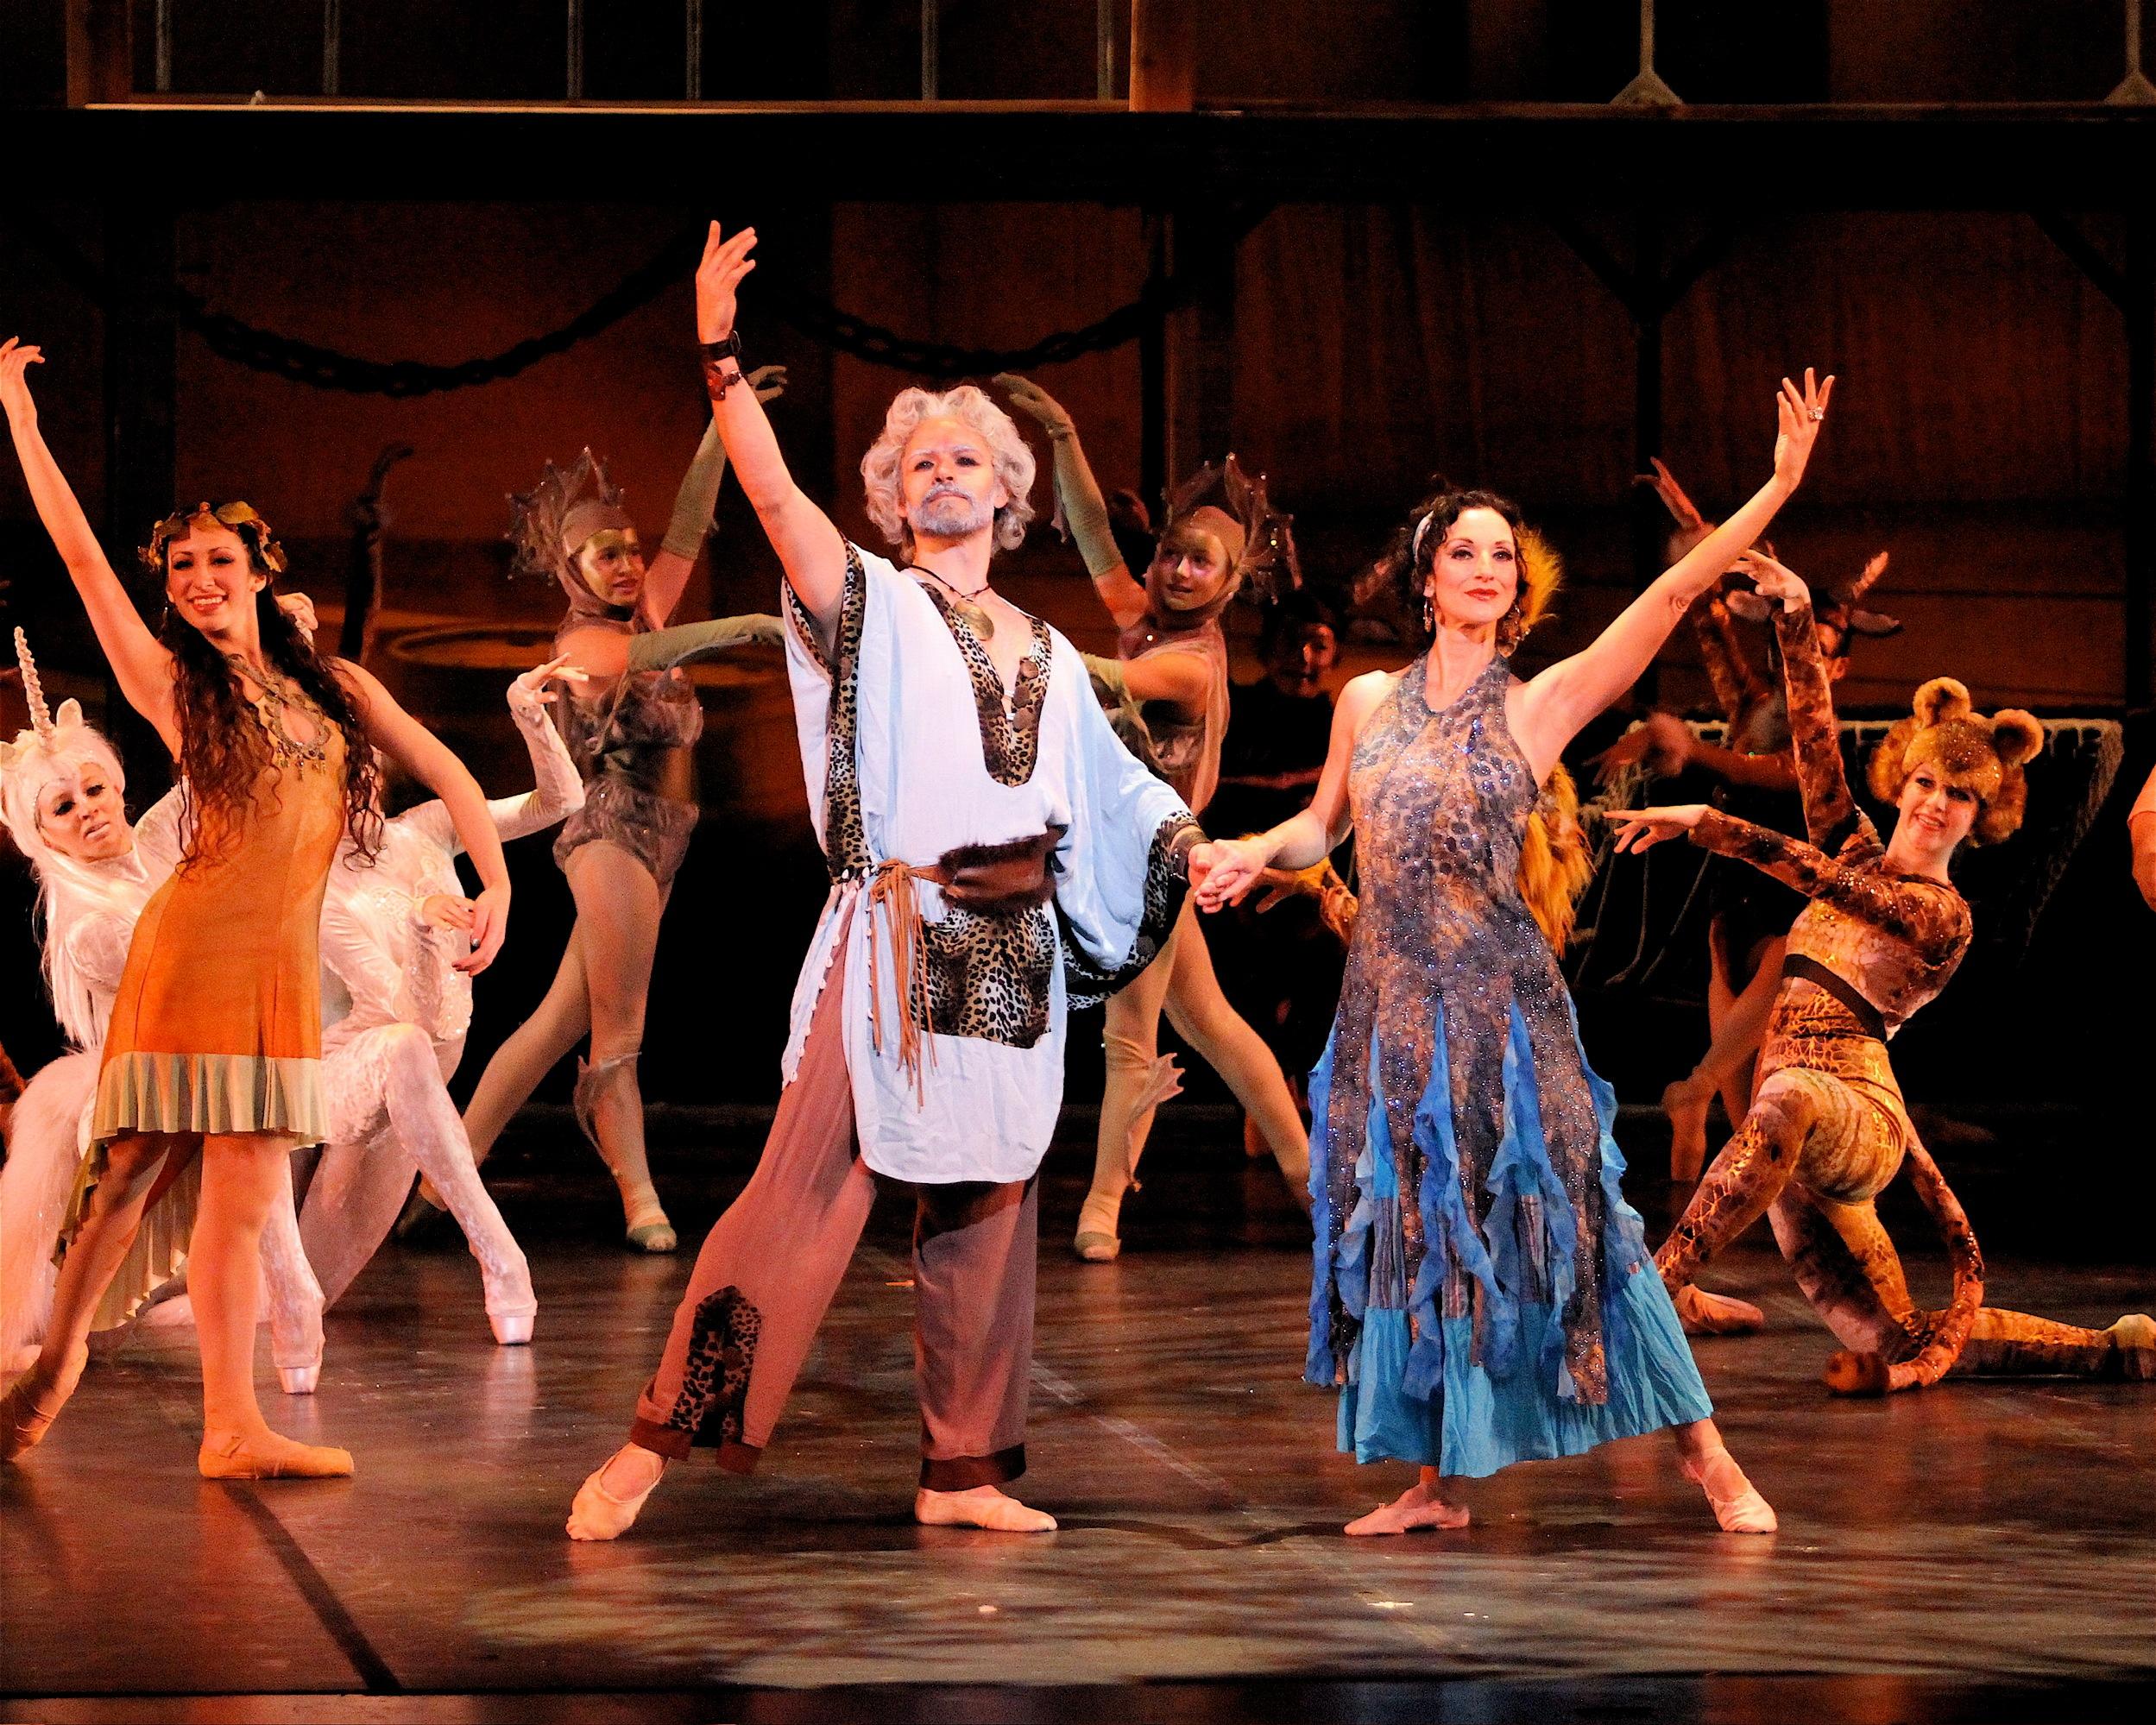 Noah's Ark 2010